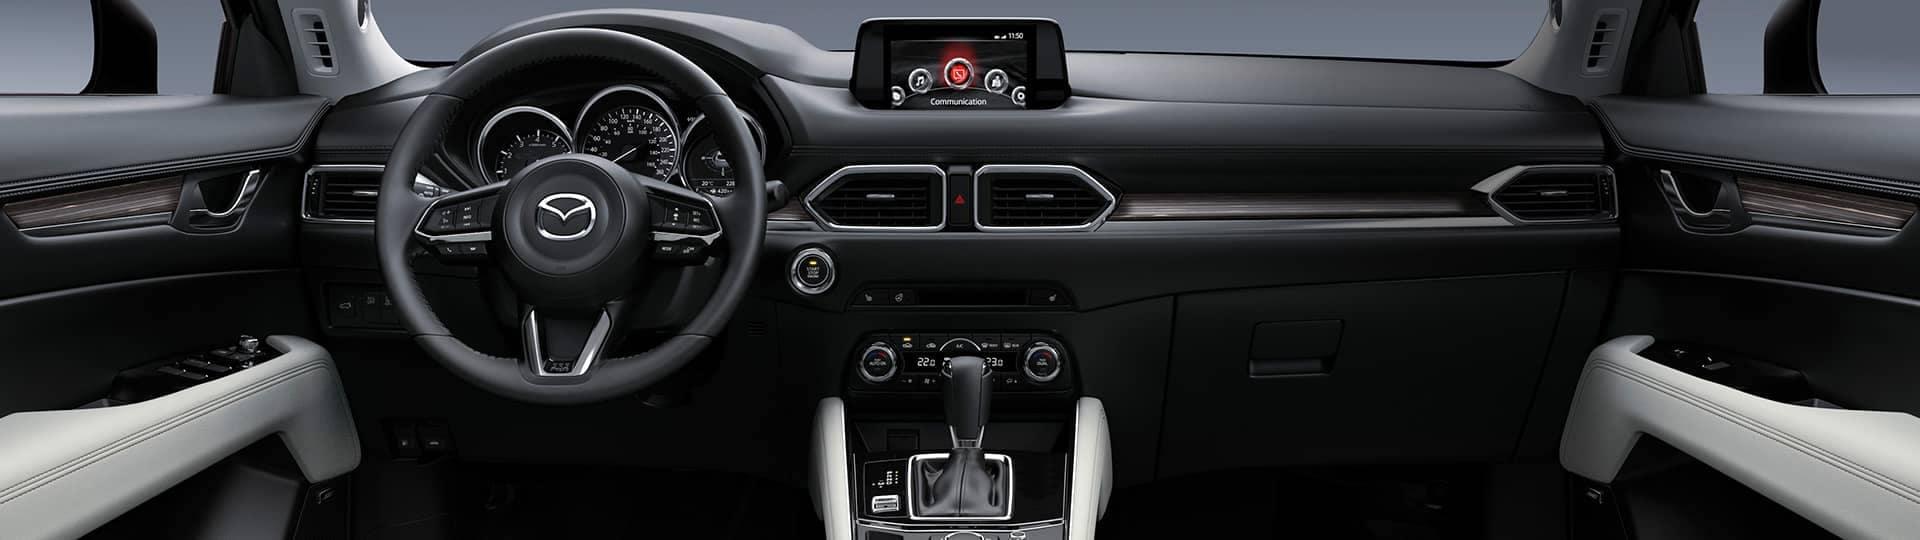 2018 Mazda CX5 Canada Dashboard